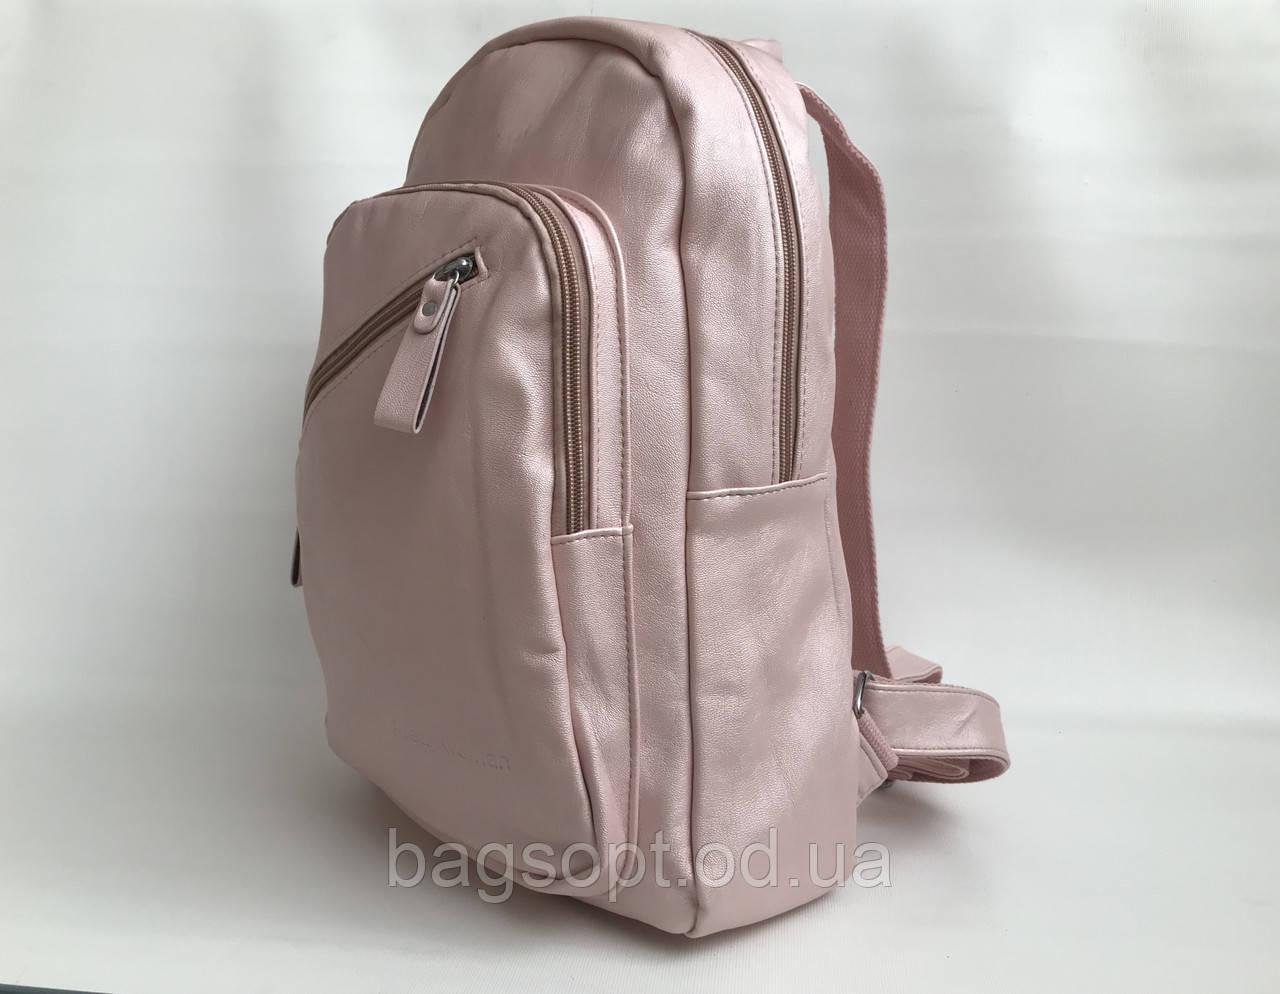 Рюкзак розовый молодежный из экокожи женский вместительный для девушек Pretty Woman Одесса